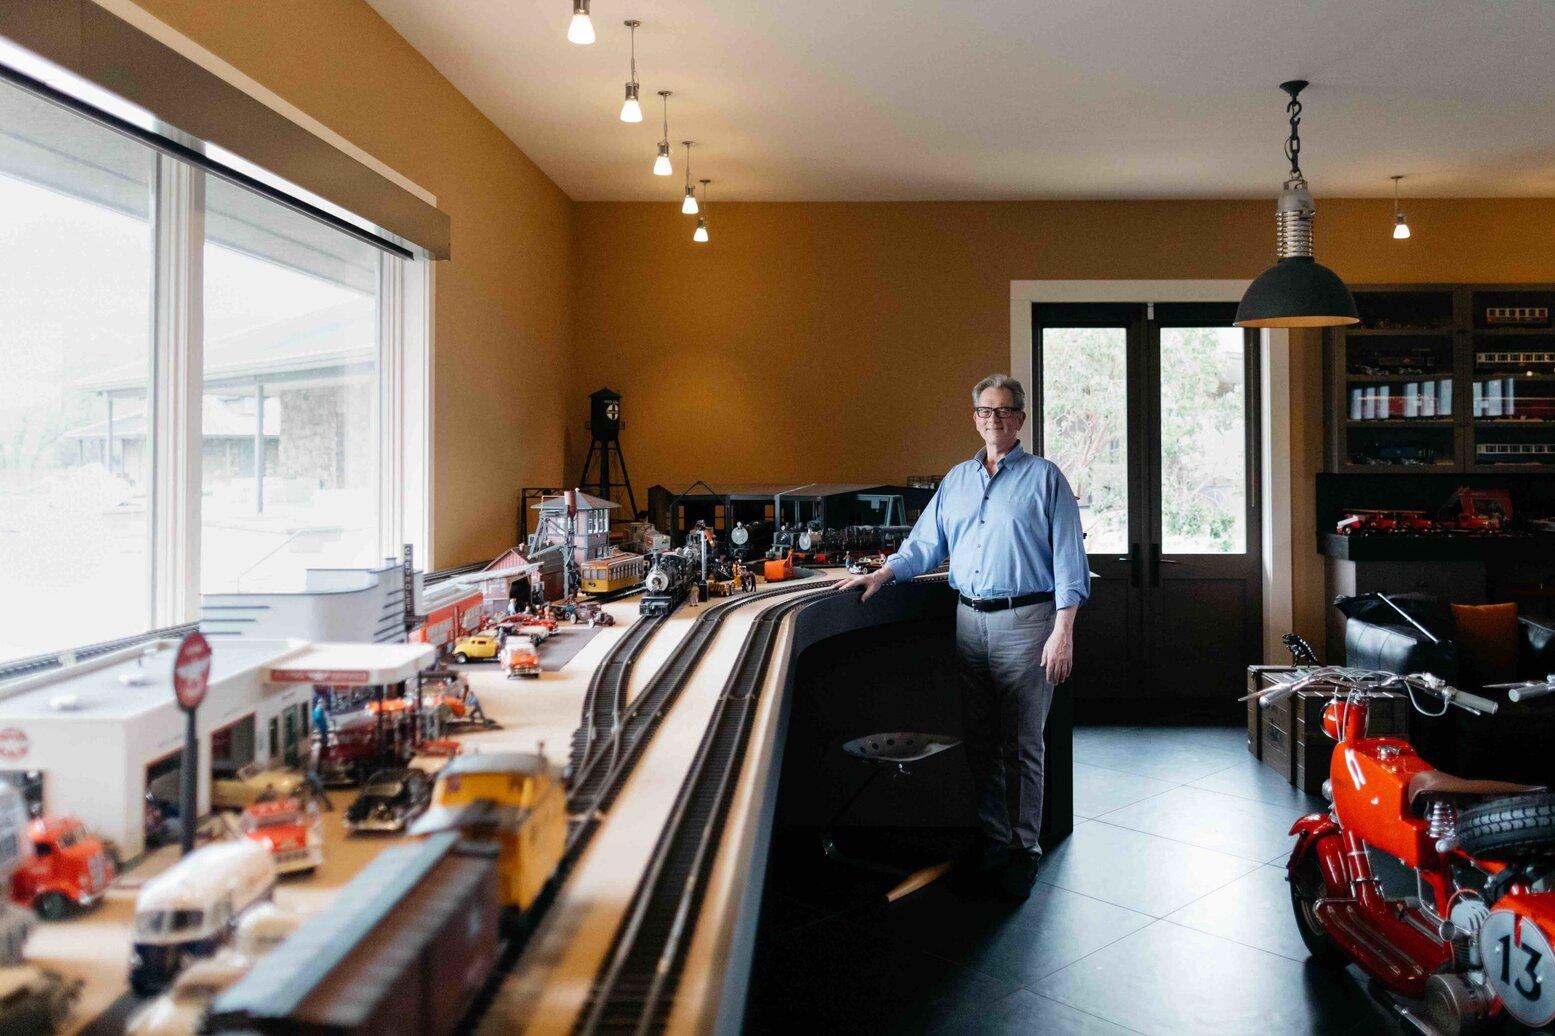 PURE member Ron DeKoven at his home in Calistoga, California.